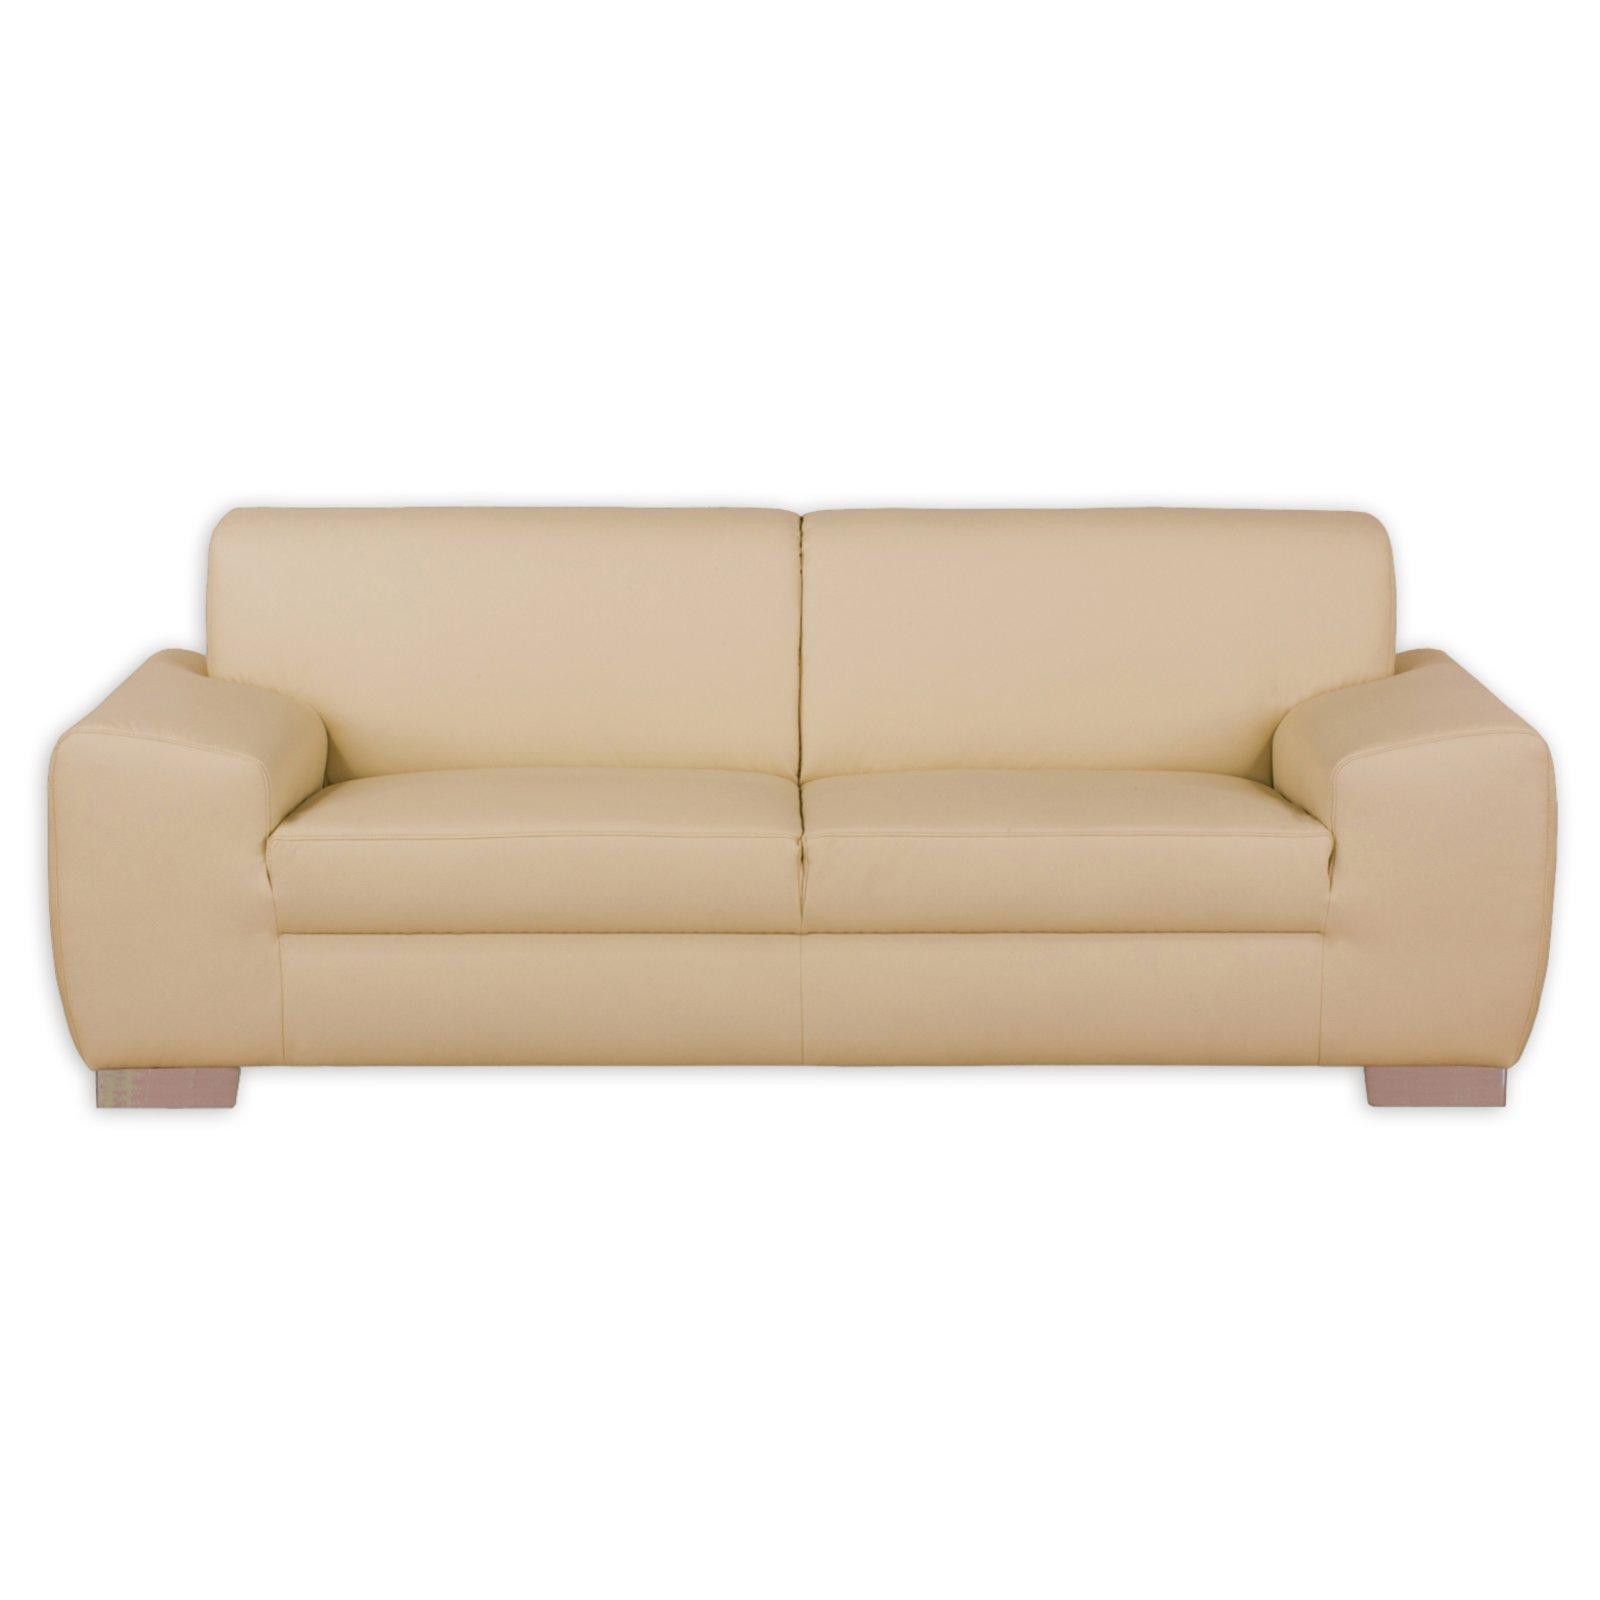 2 Sitzer Sofa Mit Cool Rolfbenz Ego Freisteller Luxuris Ego